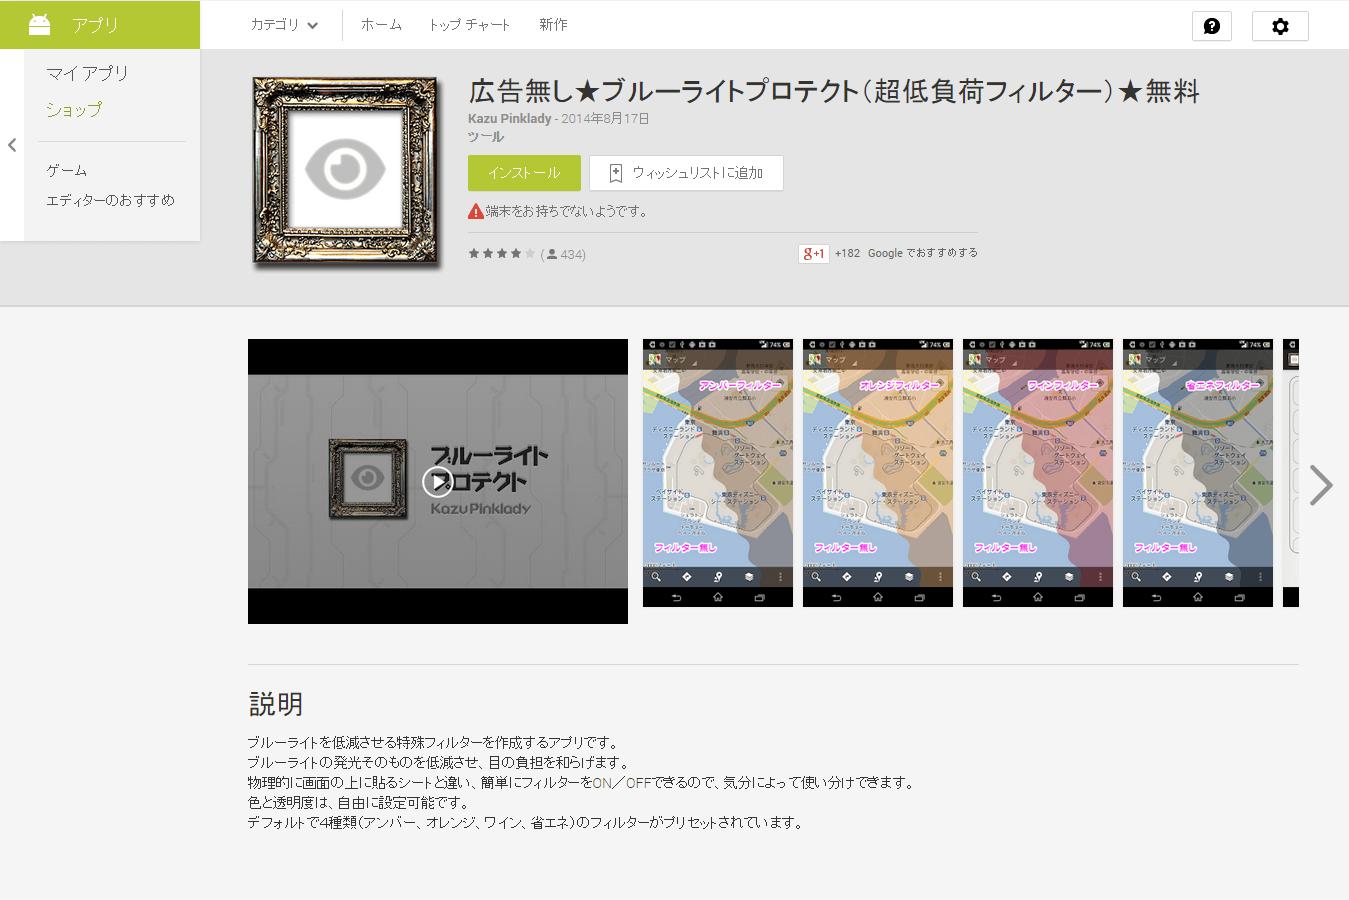 広告無し★ブルーライトプロテクト(超低負荷フィルター)★無料のトップページ